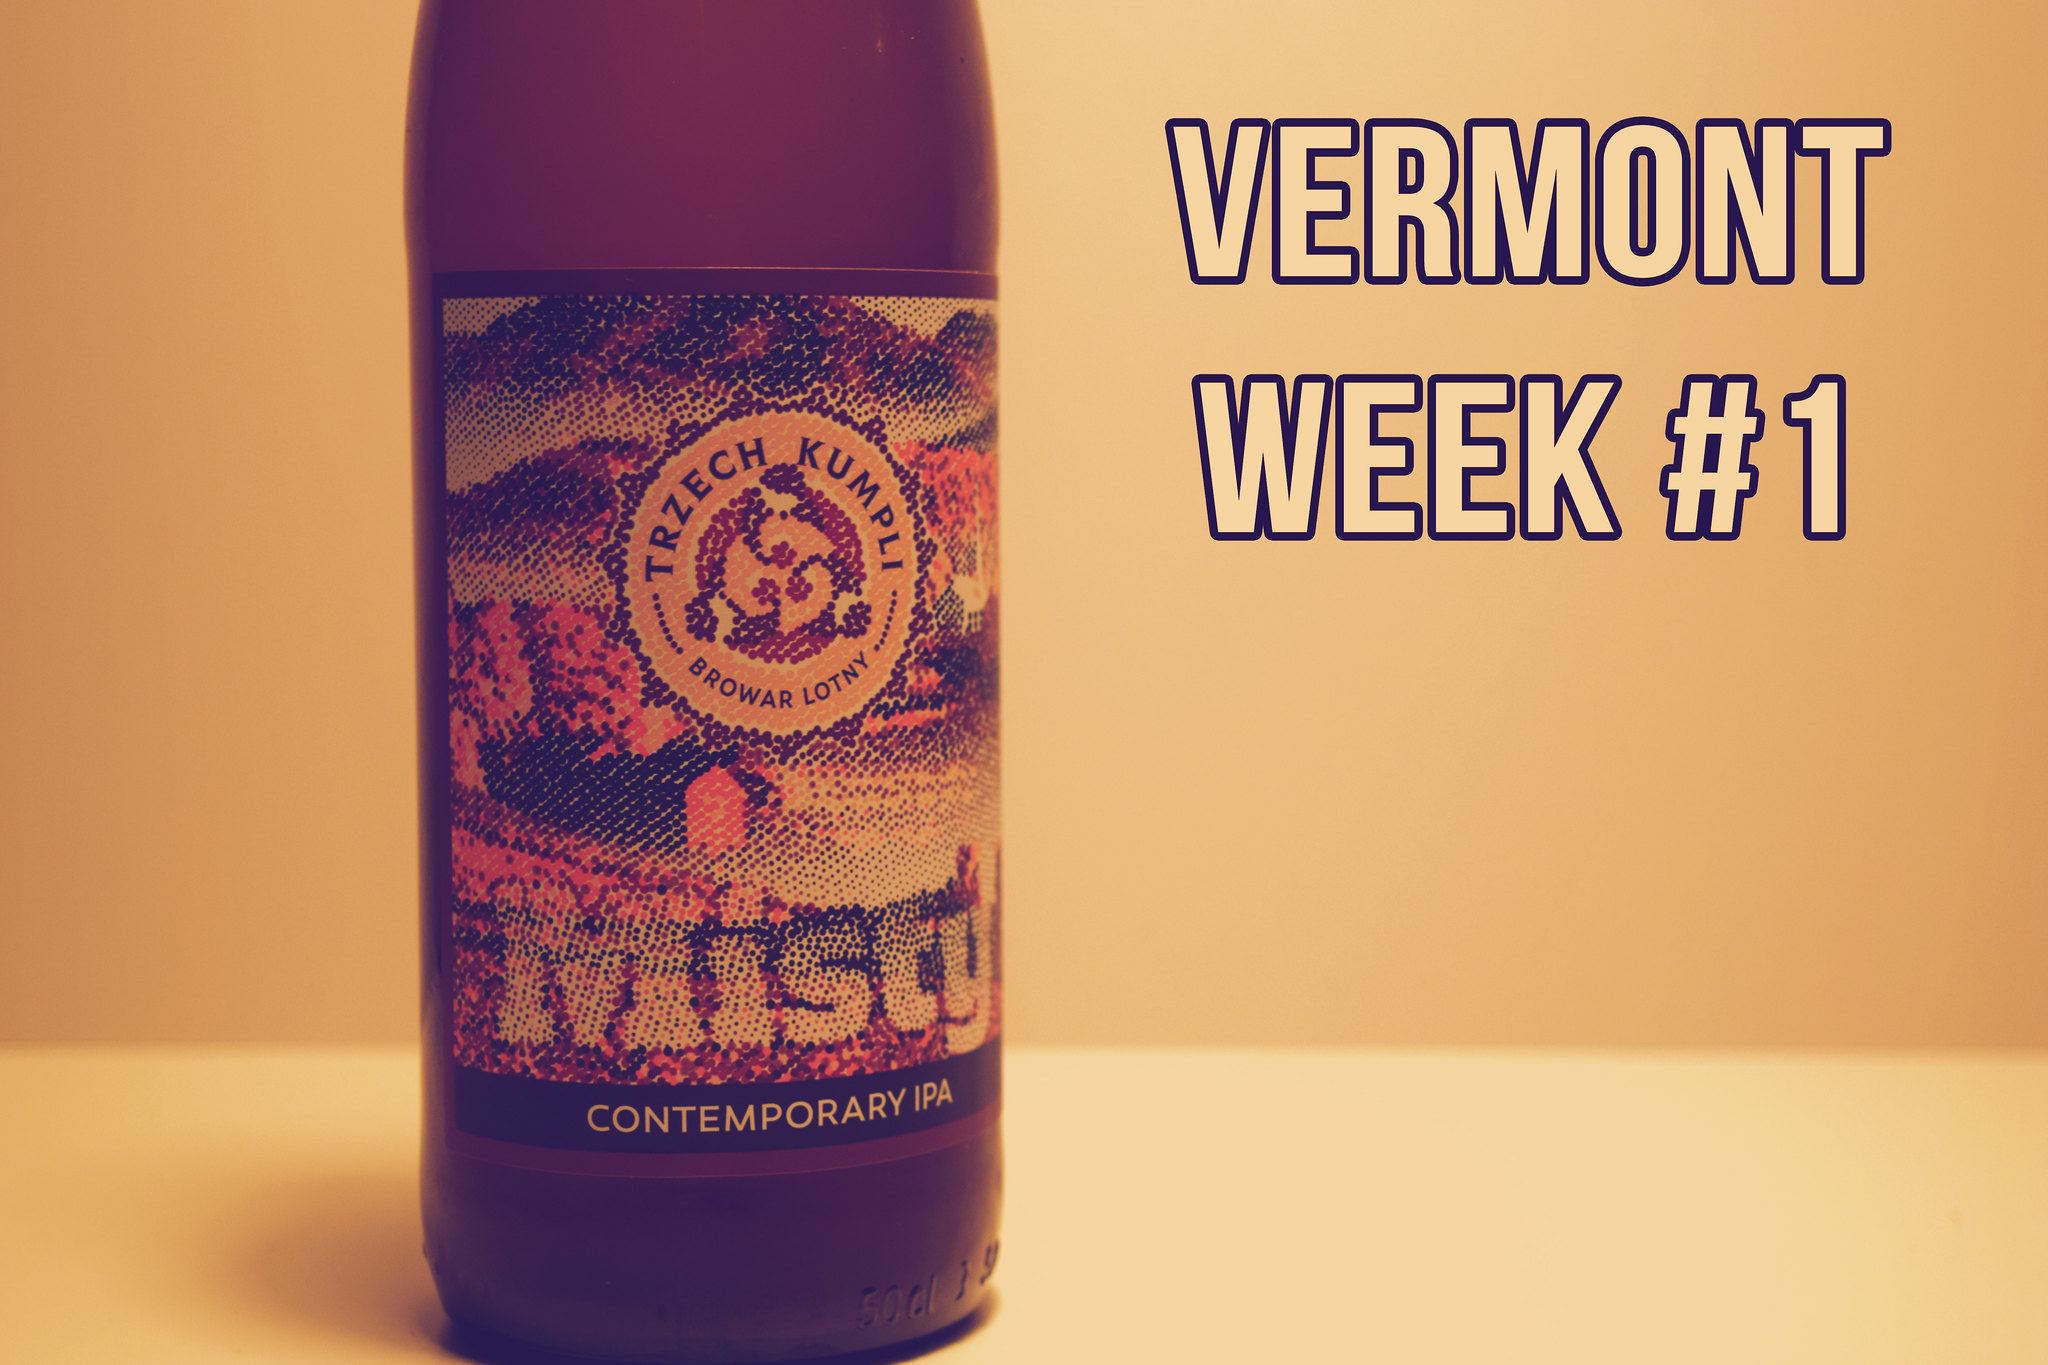 vermont week 1 misty